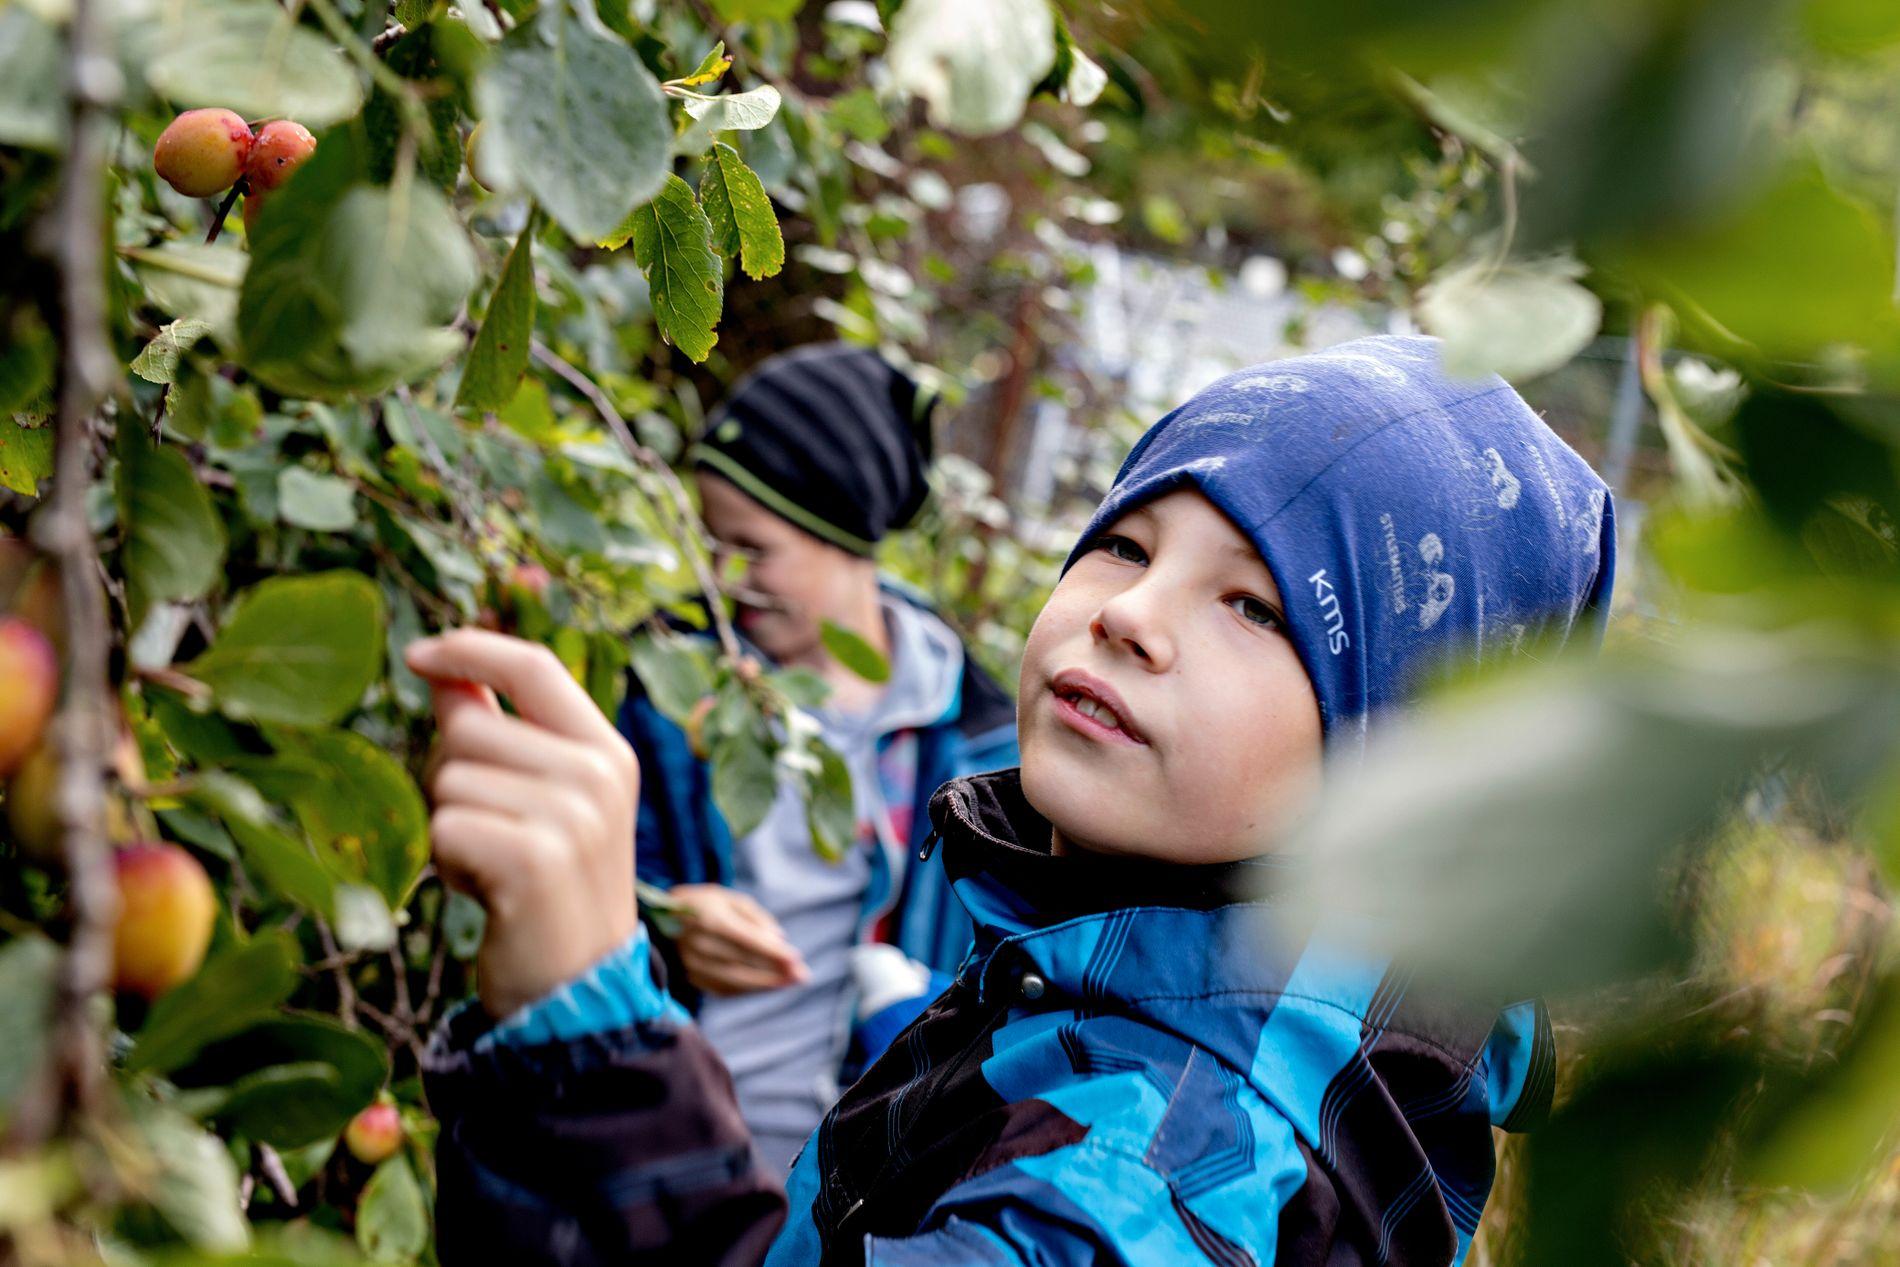 LÆRERIKT: Skulehagen kan nyttast til å læra meir om naturen sine mange under. Jonas (9) følgjer ivrig med på plantene sin utvikling i hagen.